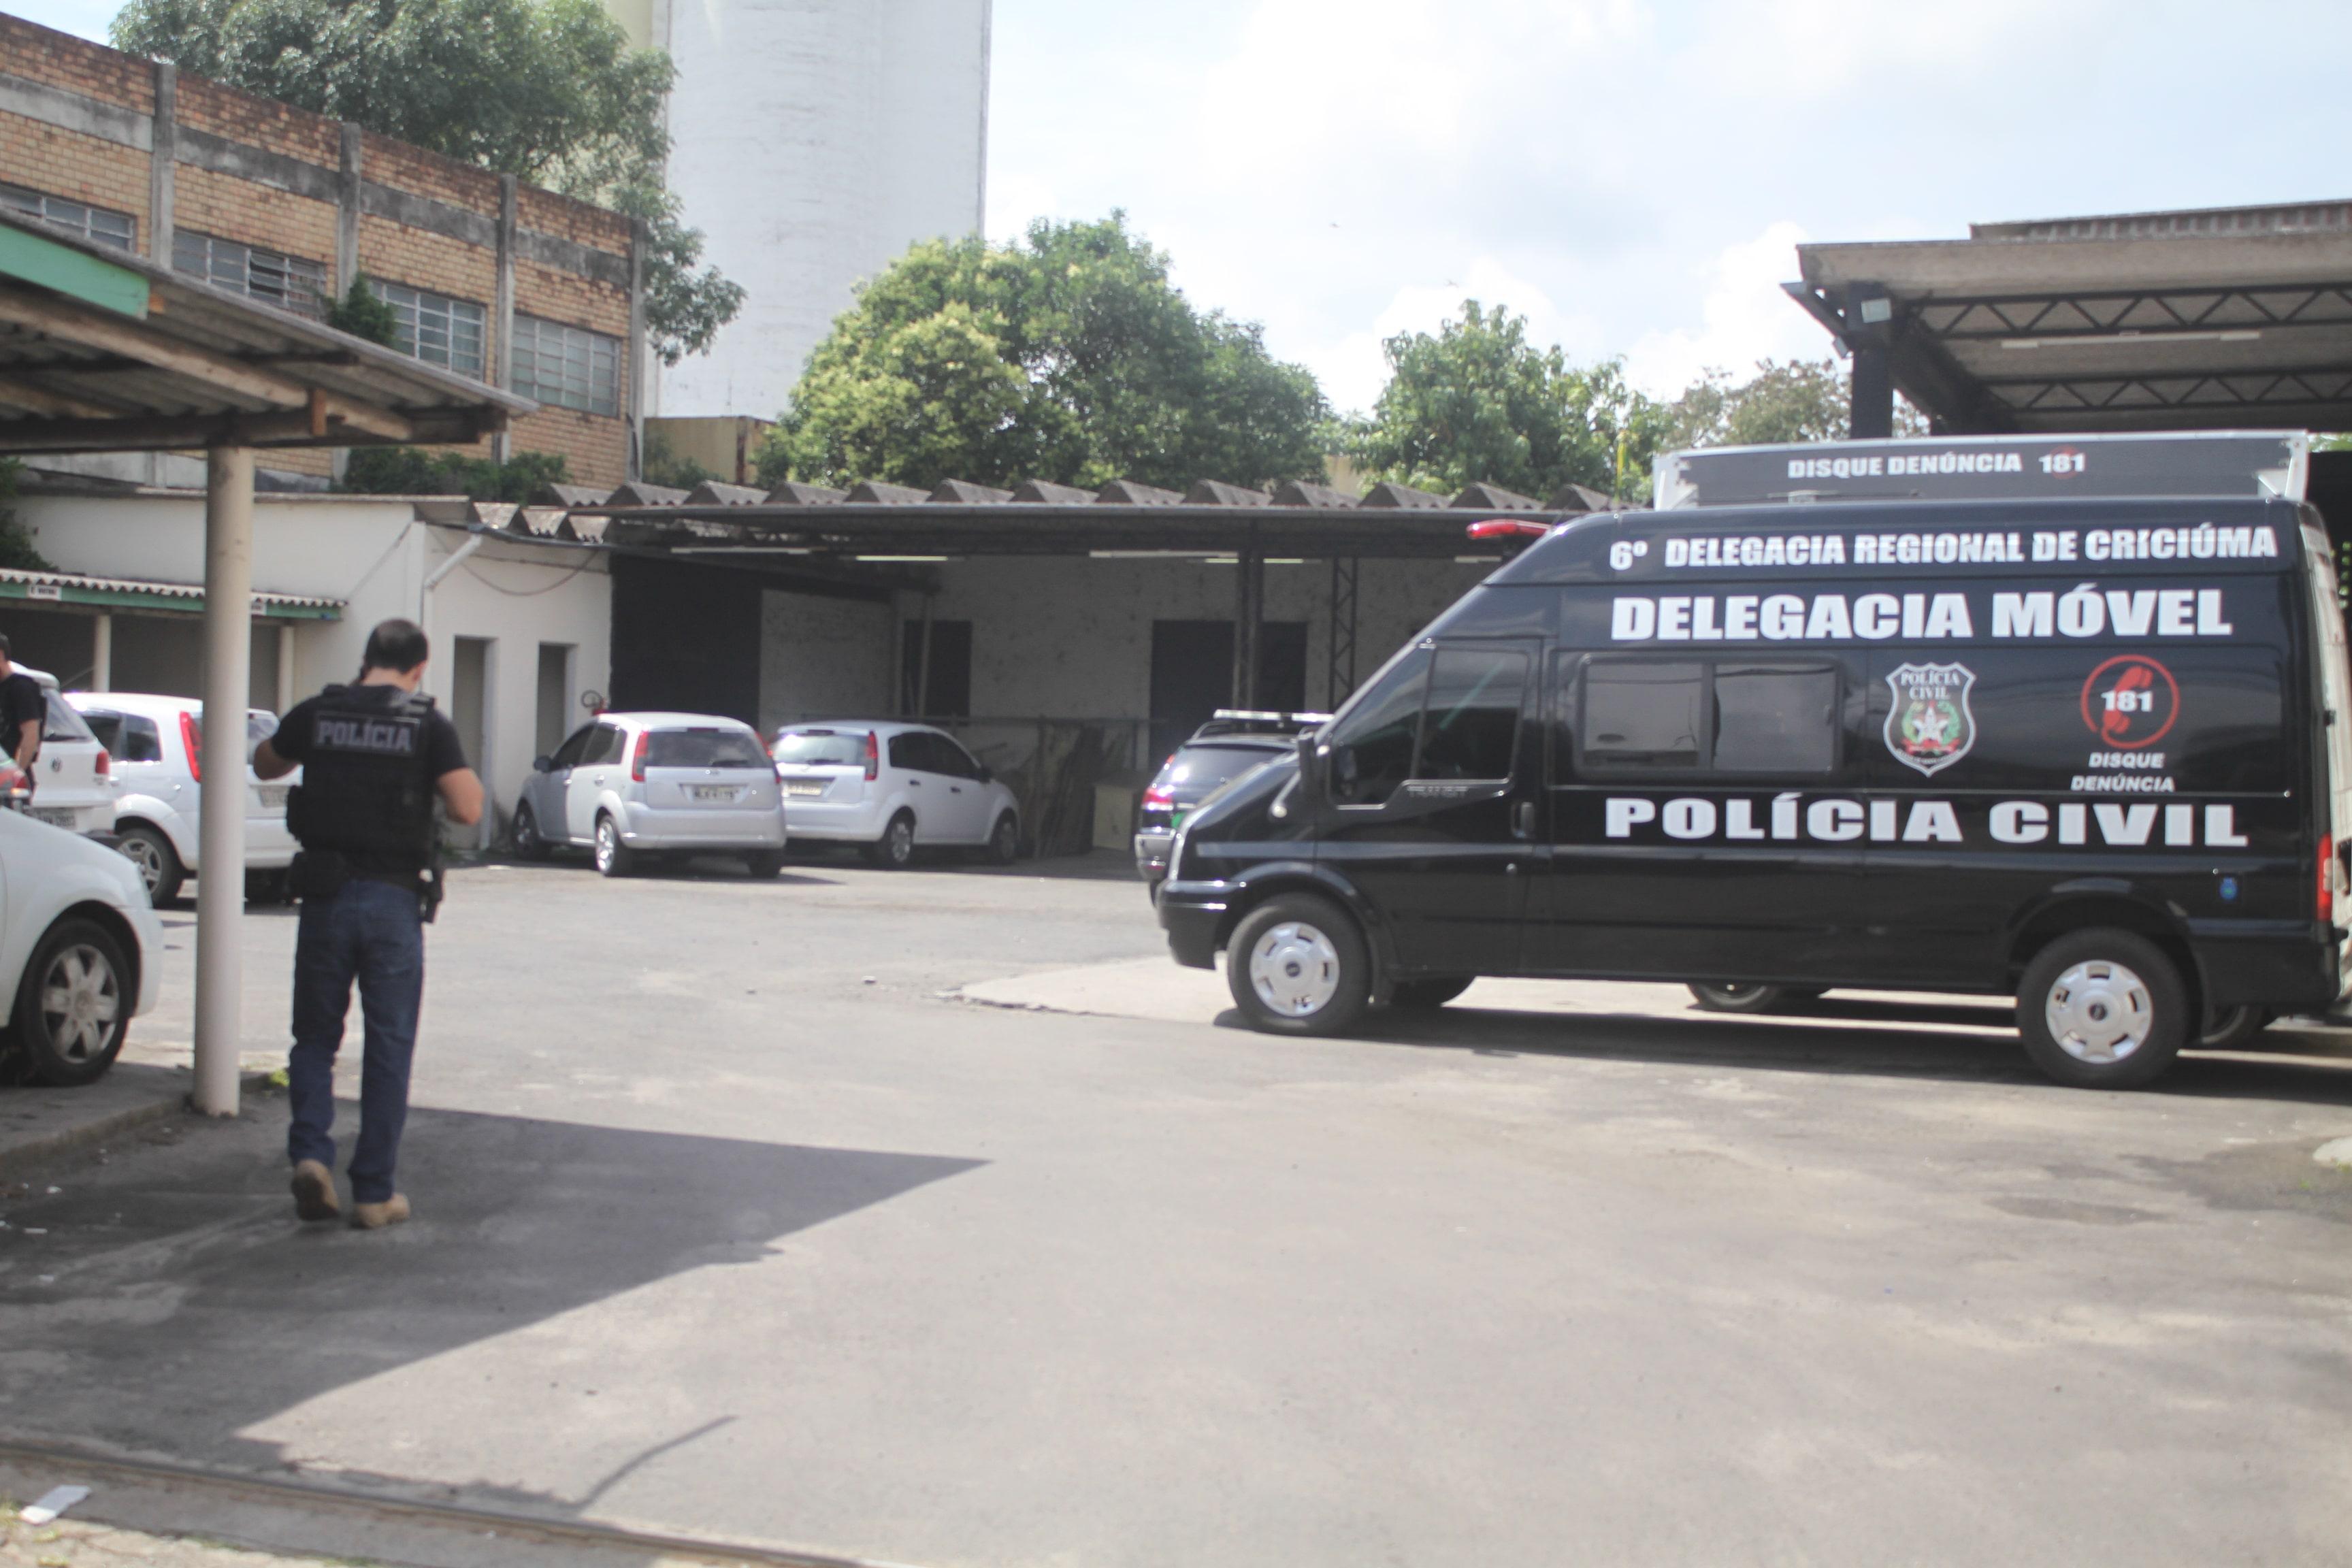 Gêmeos assassinos são presos em Criciúma